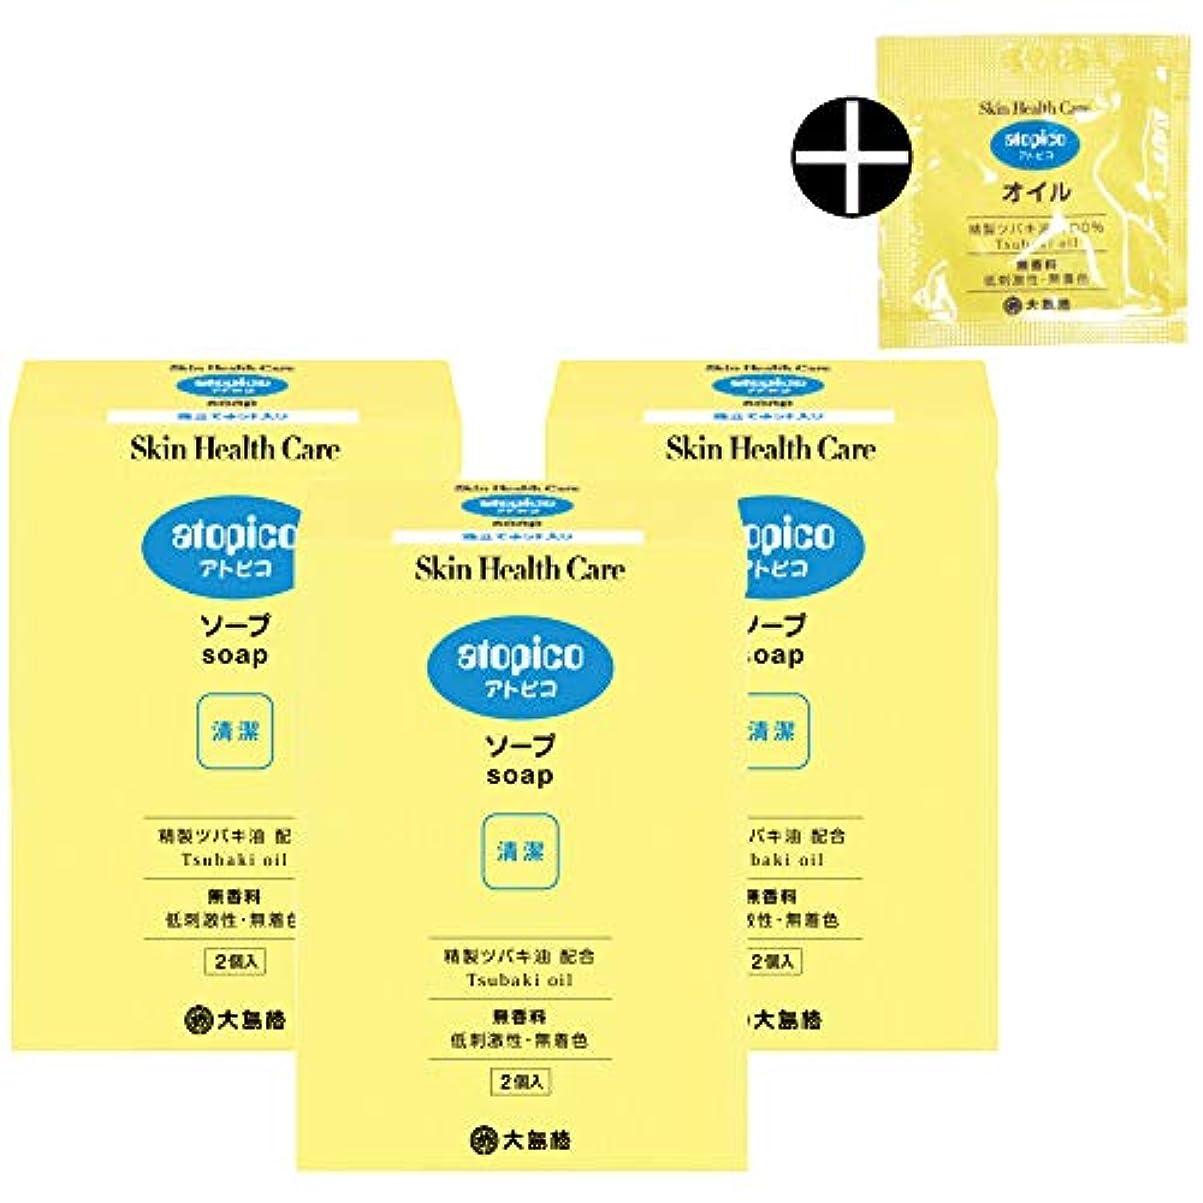 くしゃくしゃ焦がすイル【公式】大島椿 アトピコ スキンヘルスケア ソープ 70g2個入×3箱 サンプル付セット